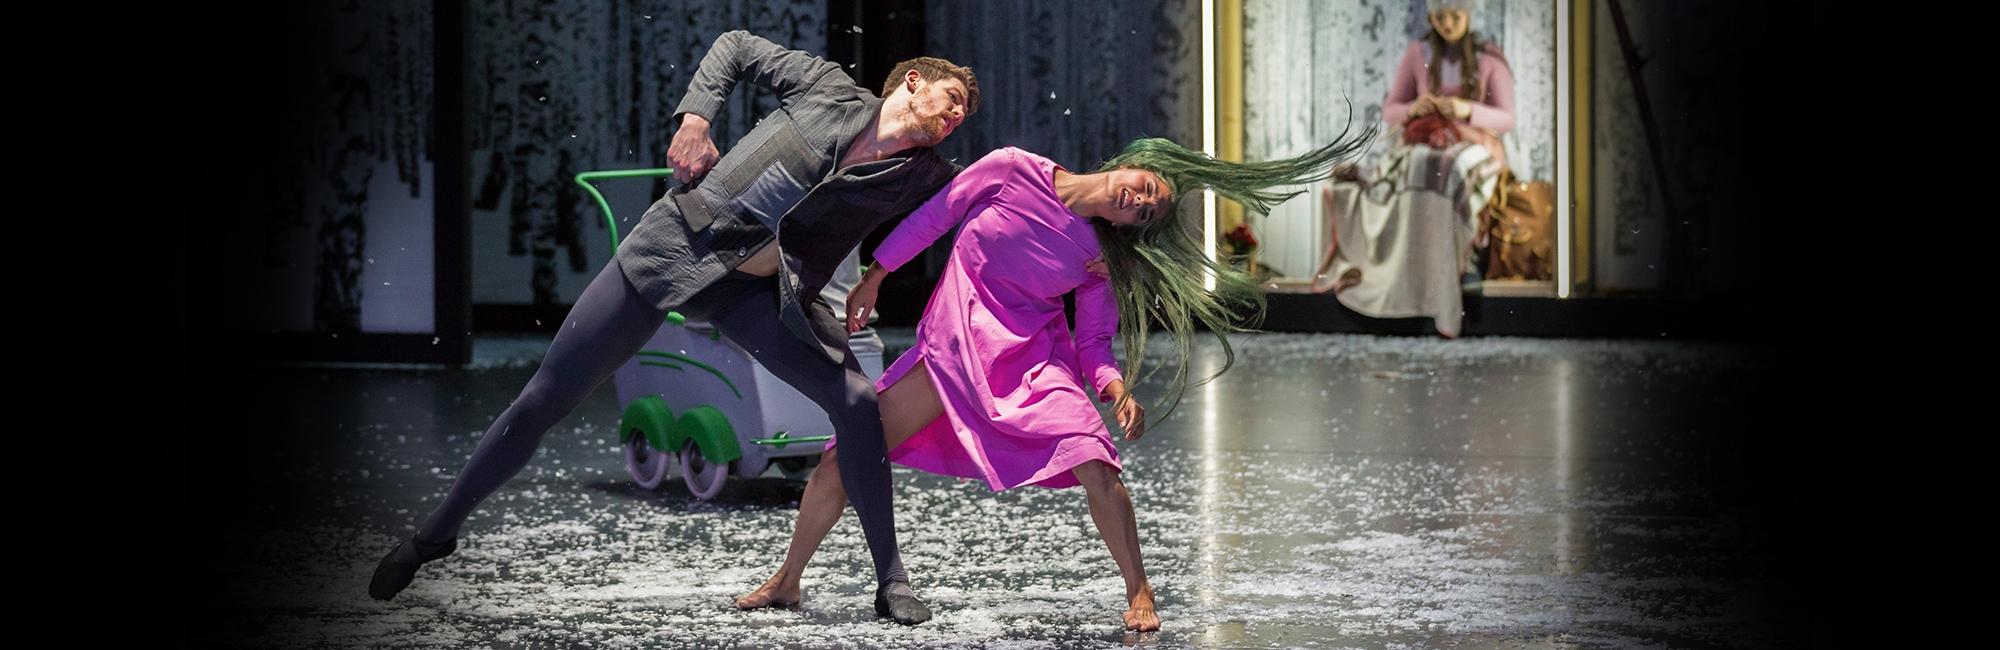 Maison De La Danse Spectacle De Danse Sortir A Lyon